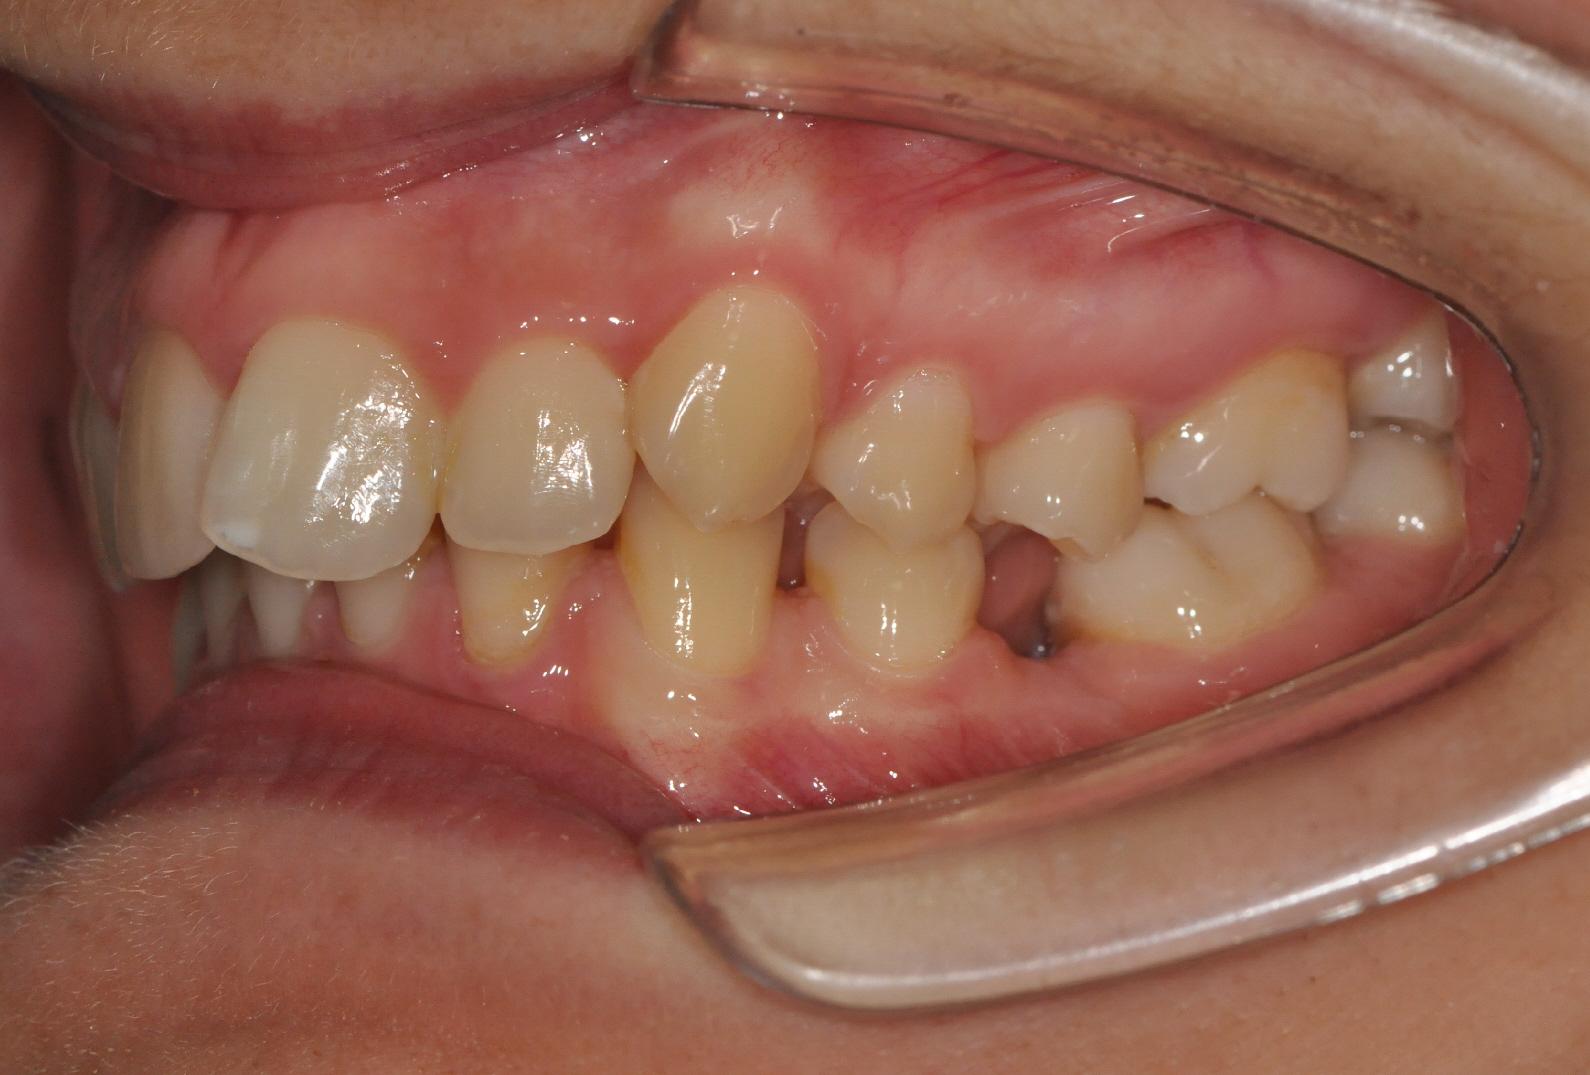 Foghiány következtében a szomszédos fogak egymásfelé dőlnek